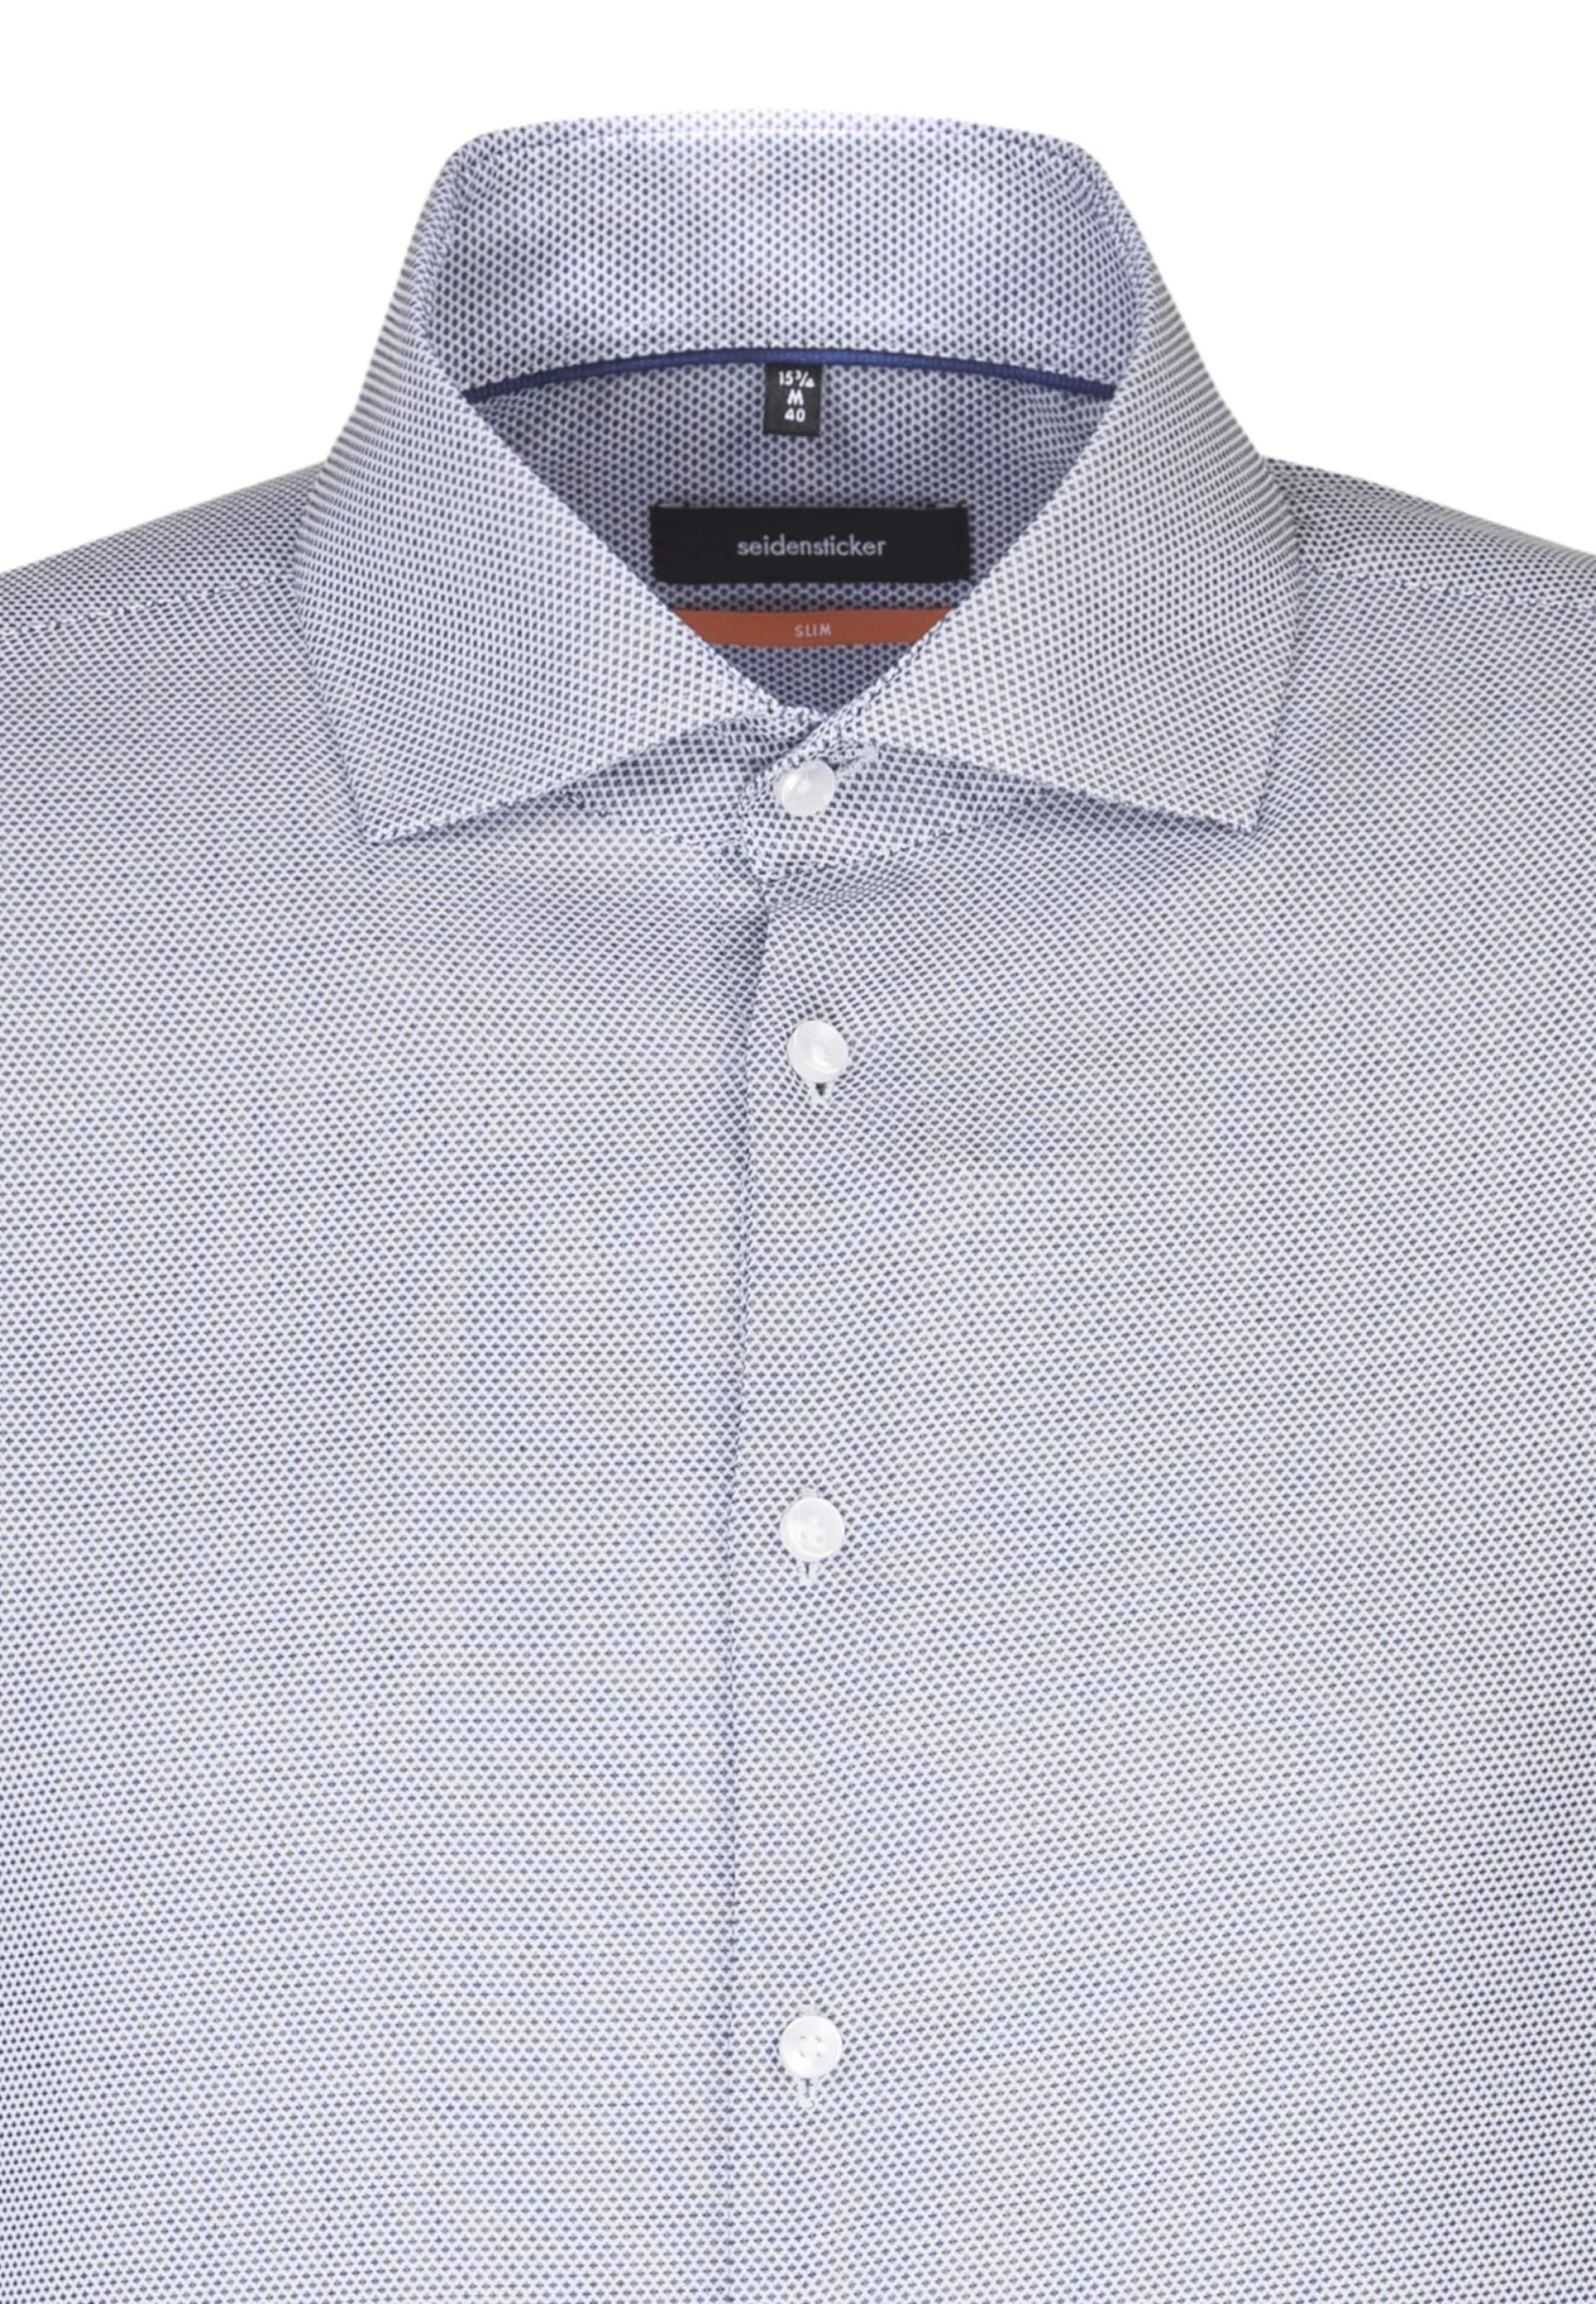 Hemd Seidensticker Hemd Seidensticker 'slim' Seidensticker BlauWeiß 'slim' 'slim' In BlauWeiß In Hemd ybf76Yg